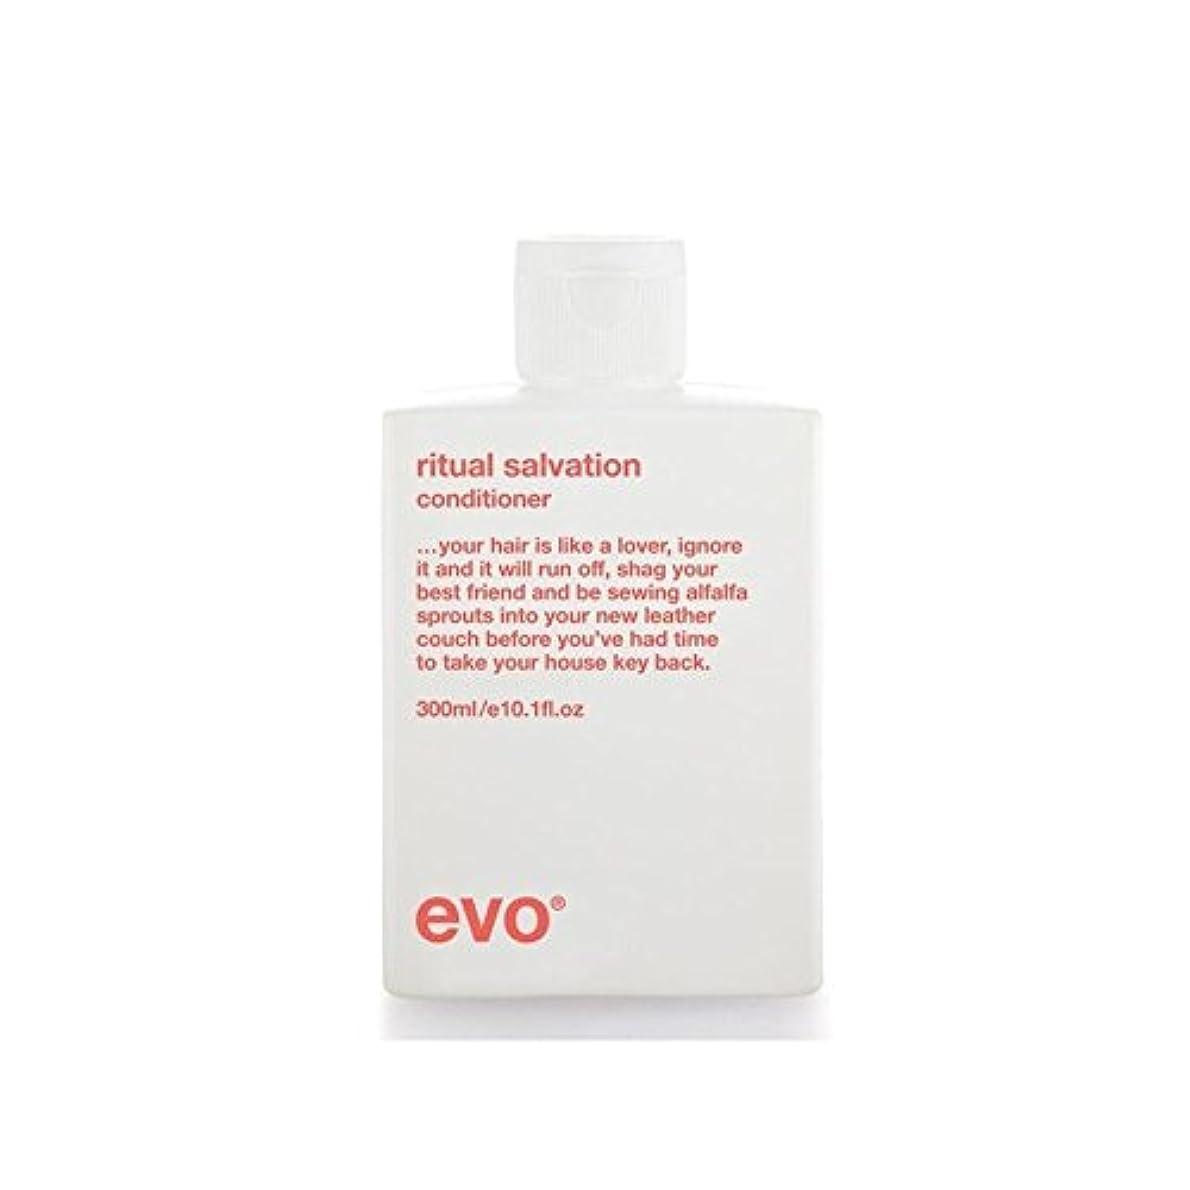 戻る変更可能磁石儀式救いコンディショナー(300ミリリットル) x2 - Evo Ritual Salvation Conditioner (300ml) (Pack of 2) [並行輸入品]